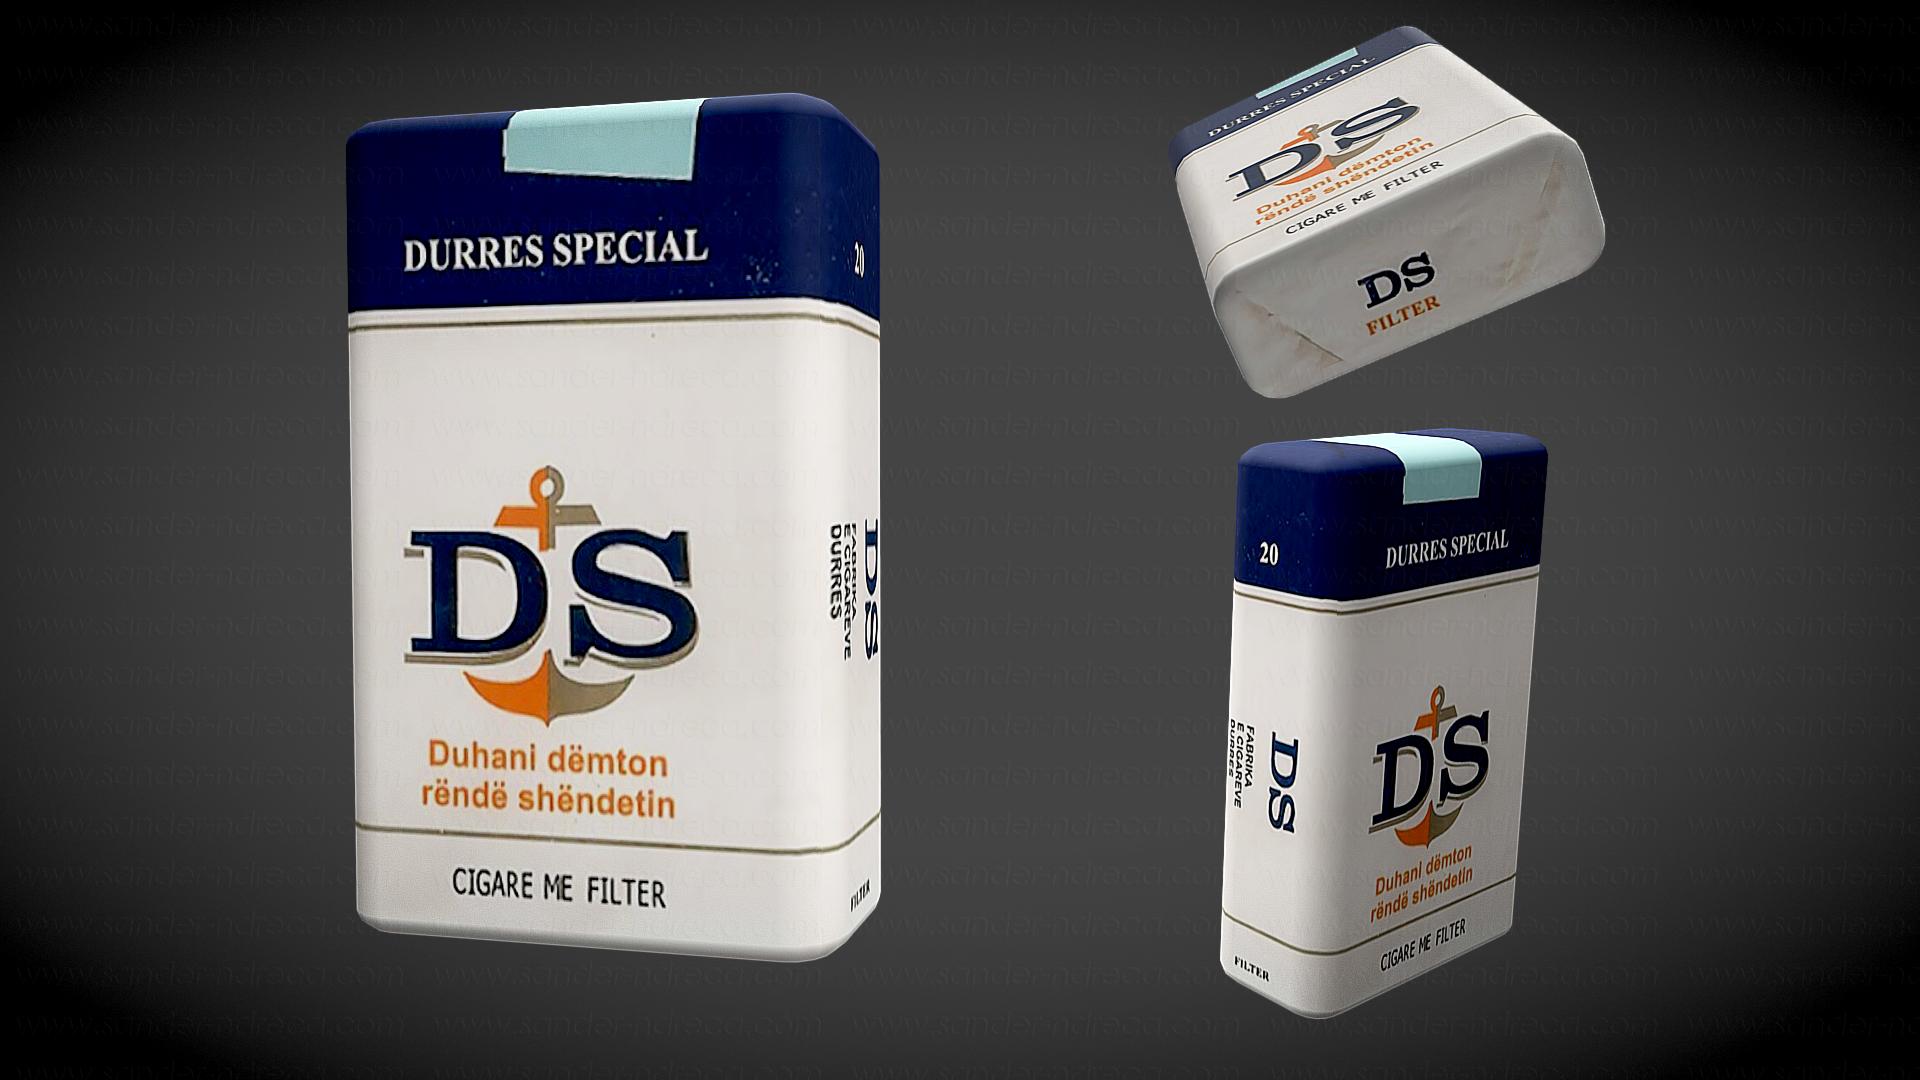 Cigare me filter DS Durres Special 3d model by sanderndreca